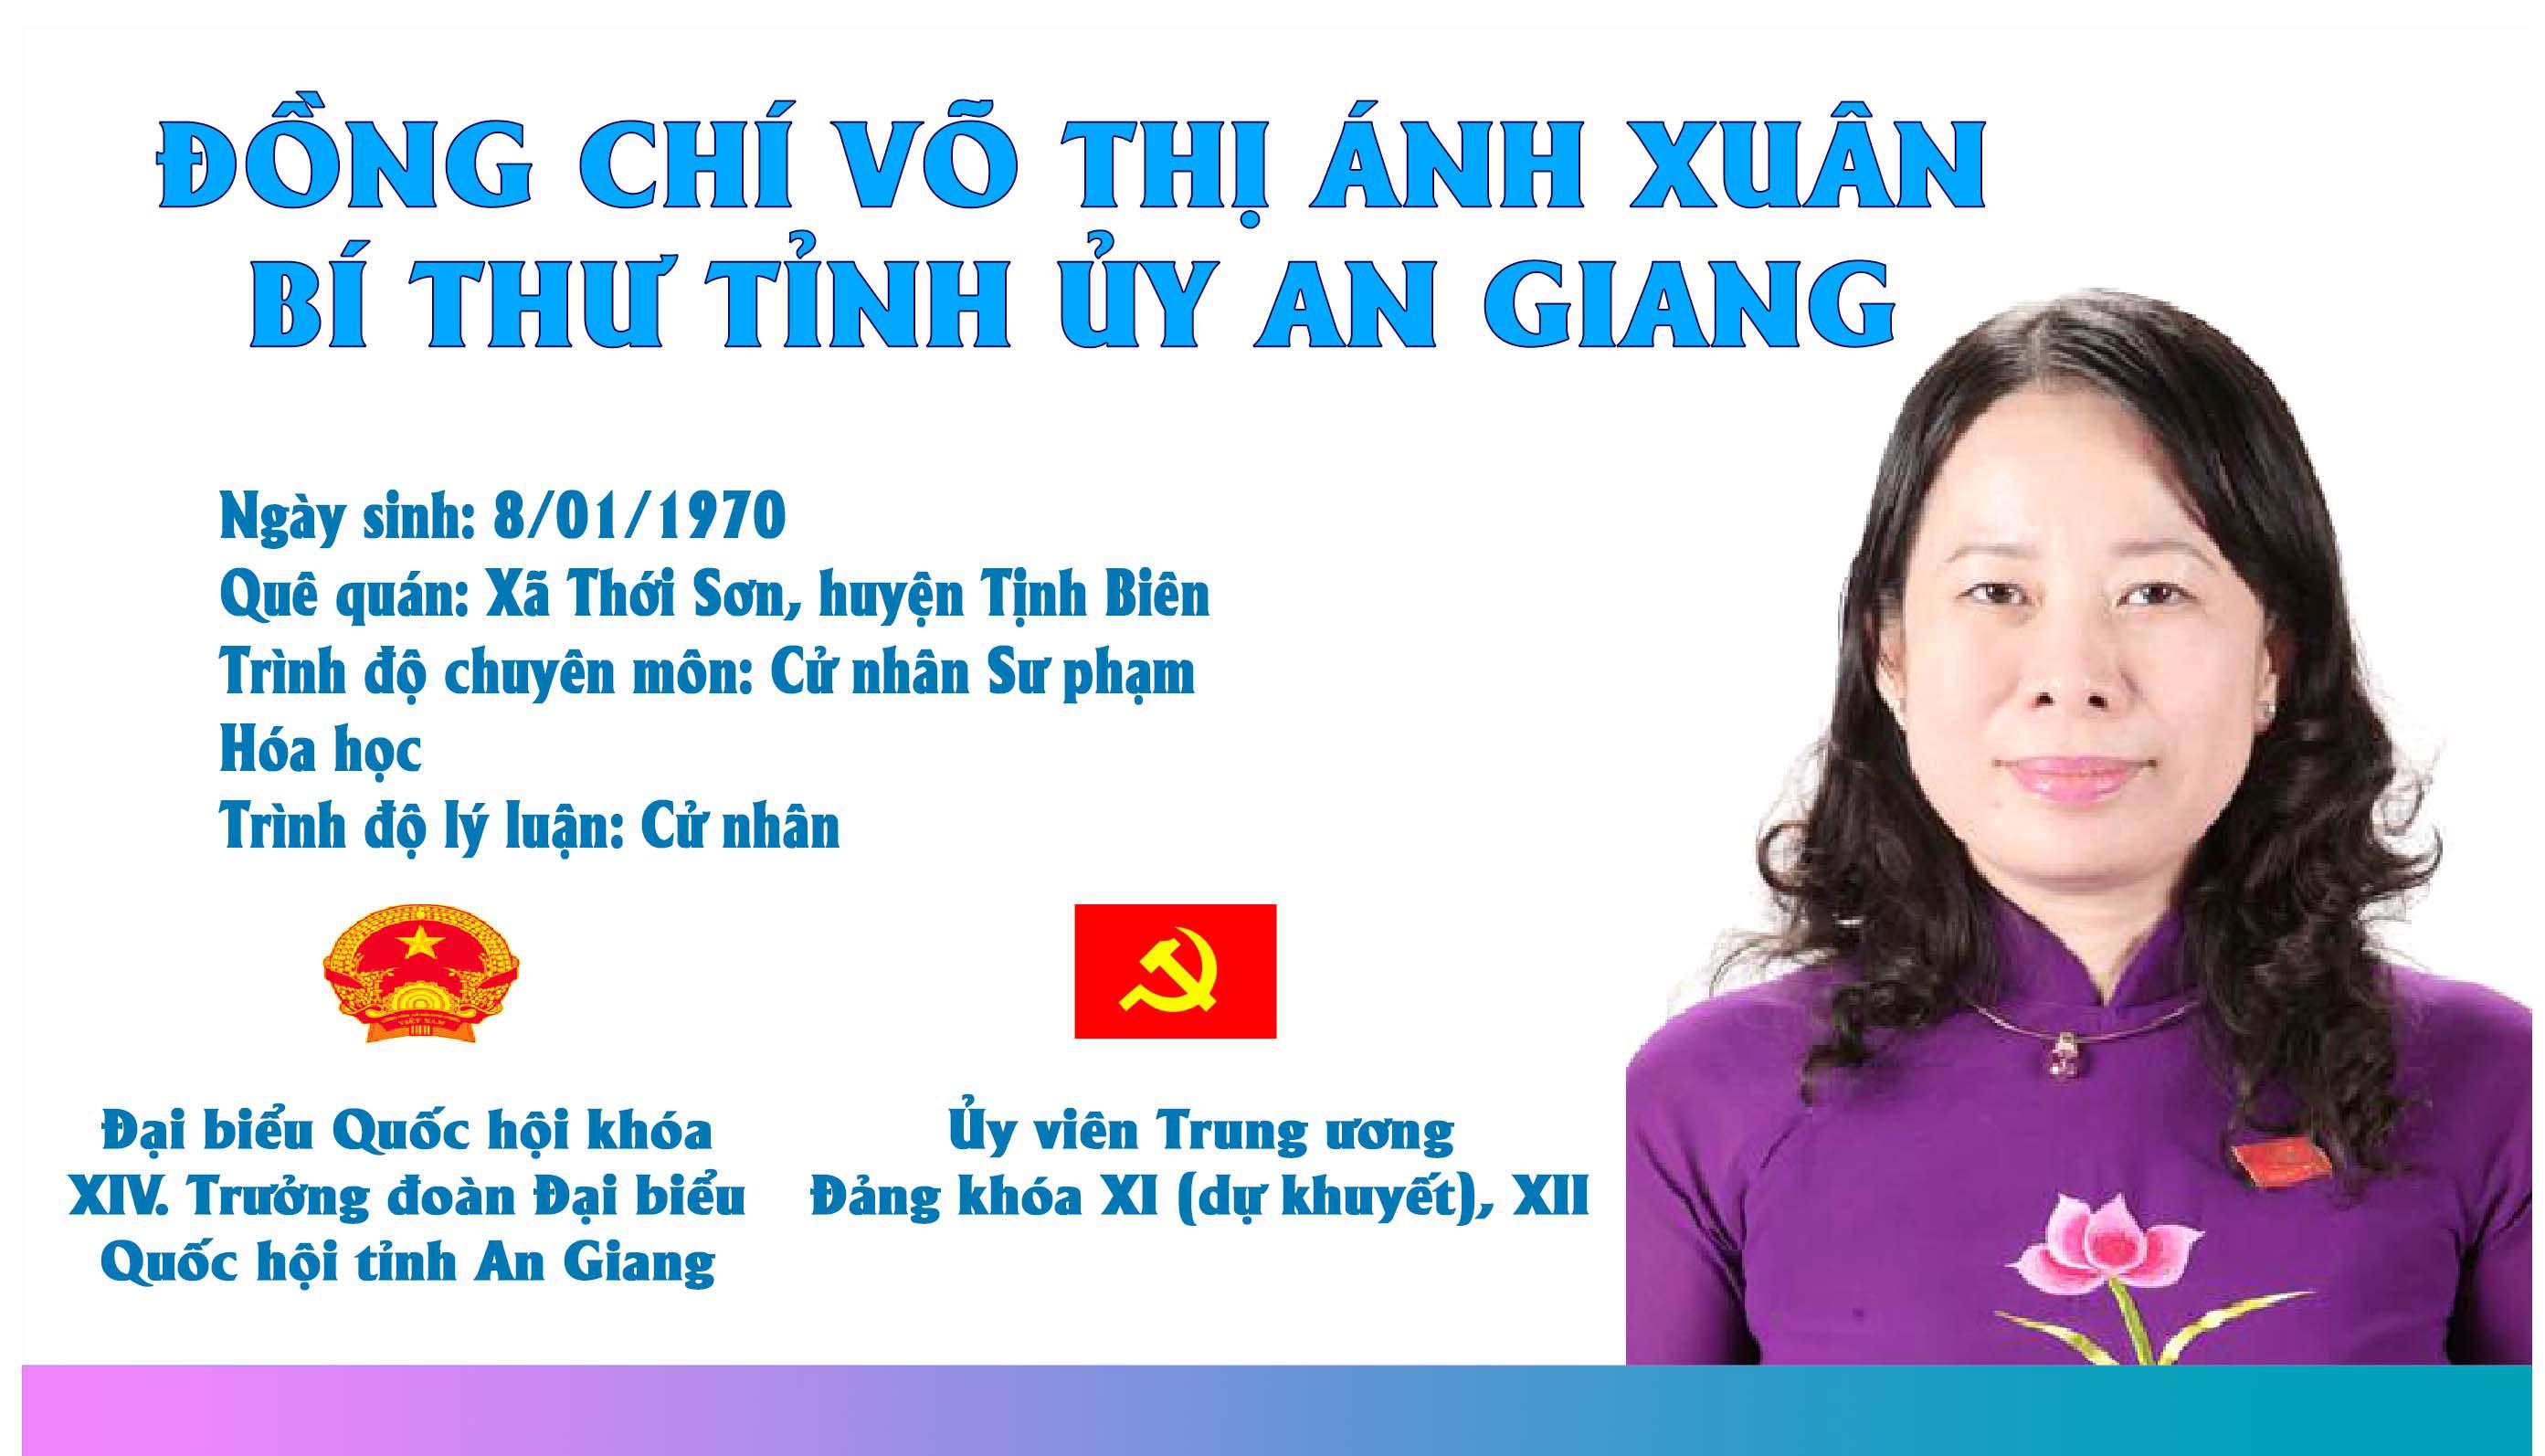 [Infographic] Chân dung Bí thư Tỉnh ủy An Giang Võ Thị Ánh Xuân